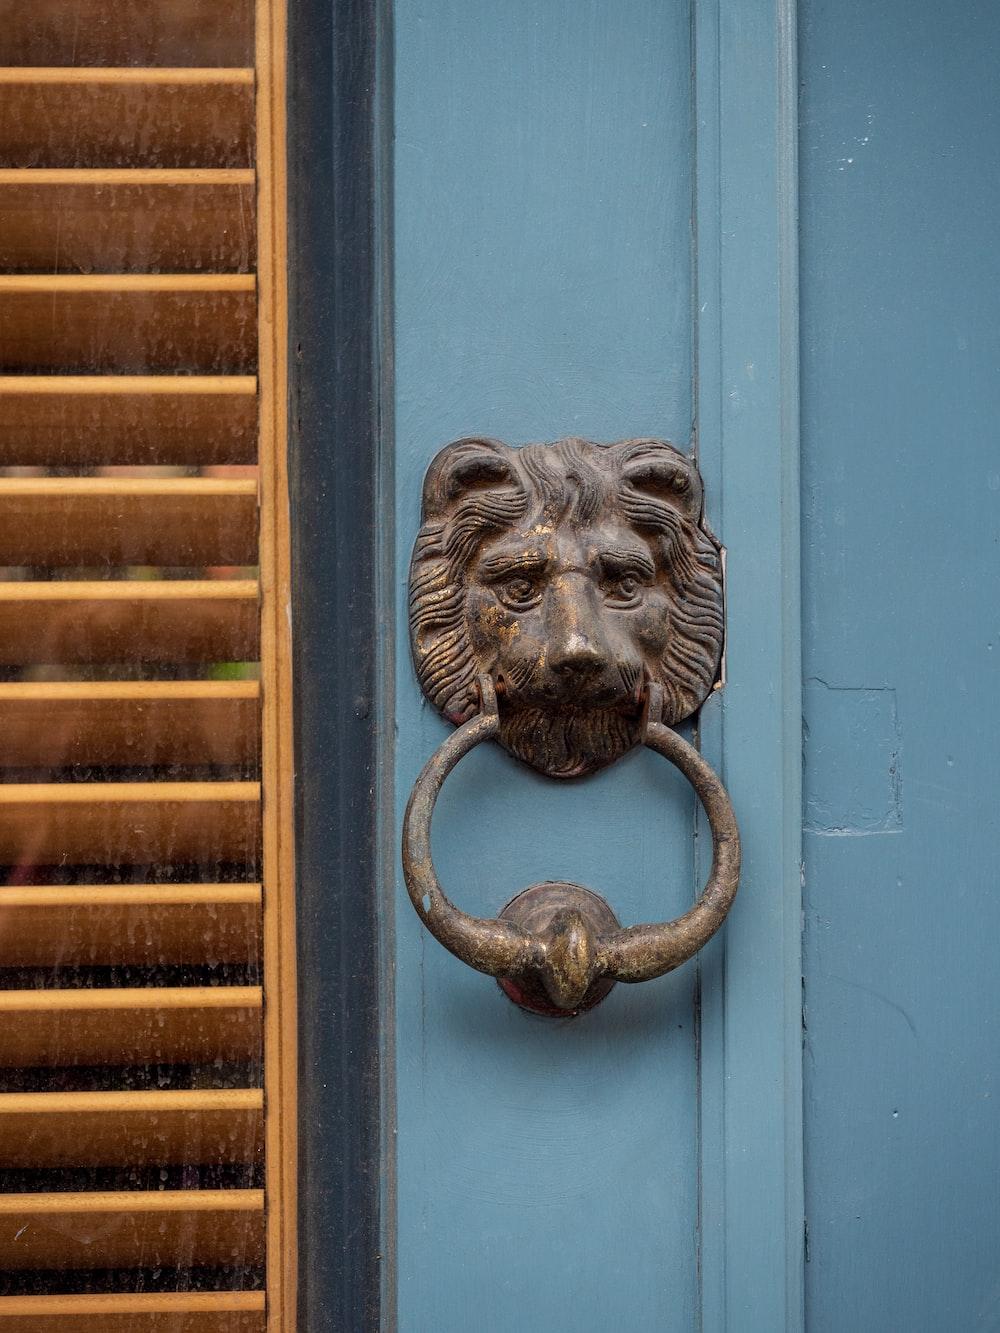 grey lion door handle on blue wooden door